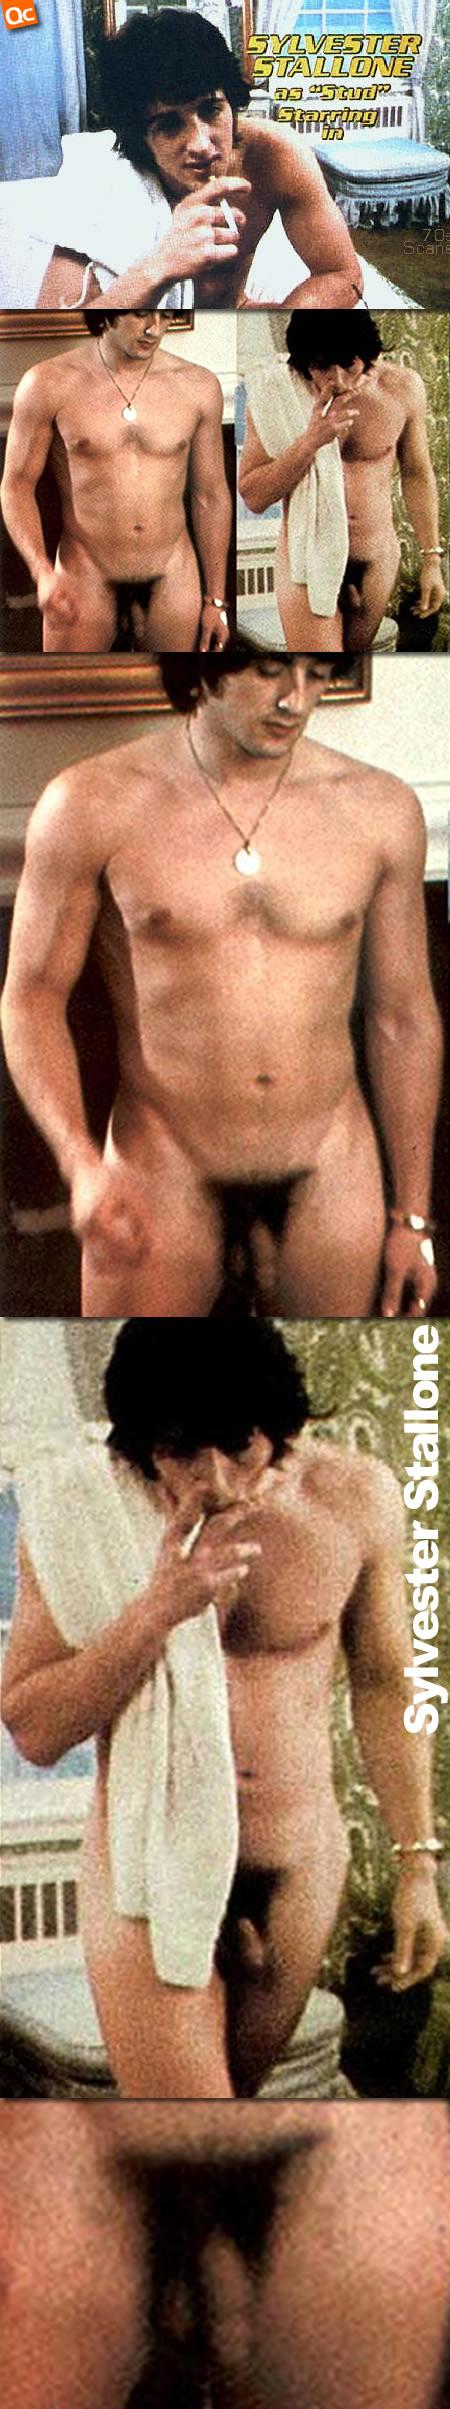 Секс сервестон сталона в филме 8 фотография